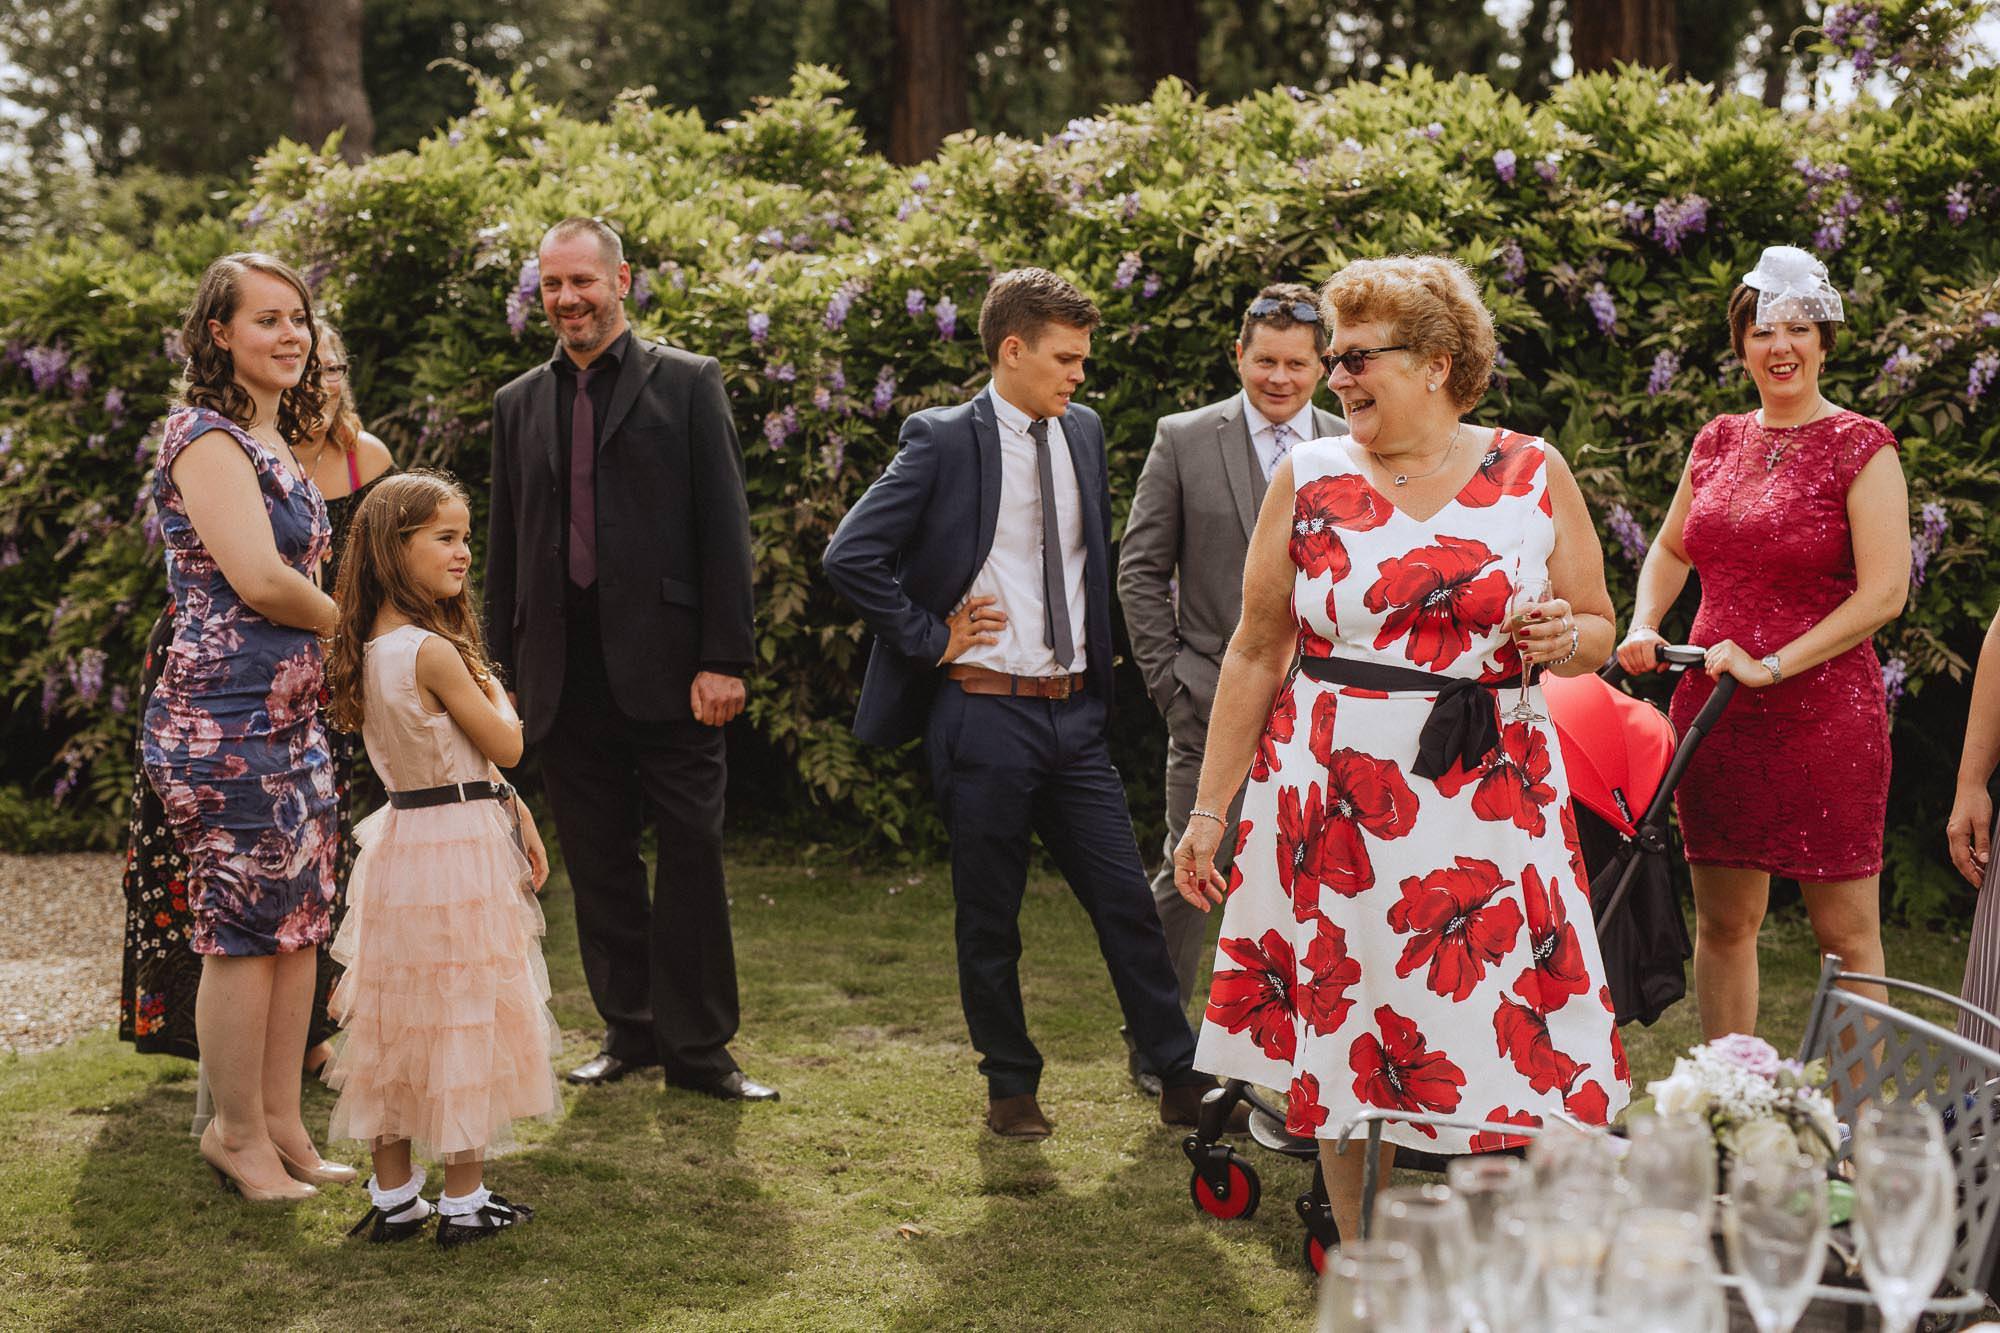 Groombridge-place-wedding-photography-62.jpg